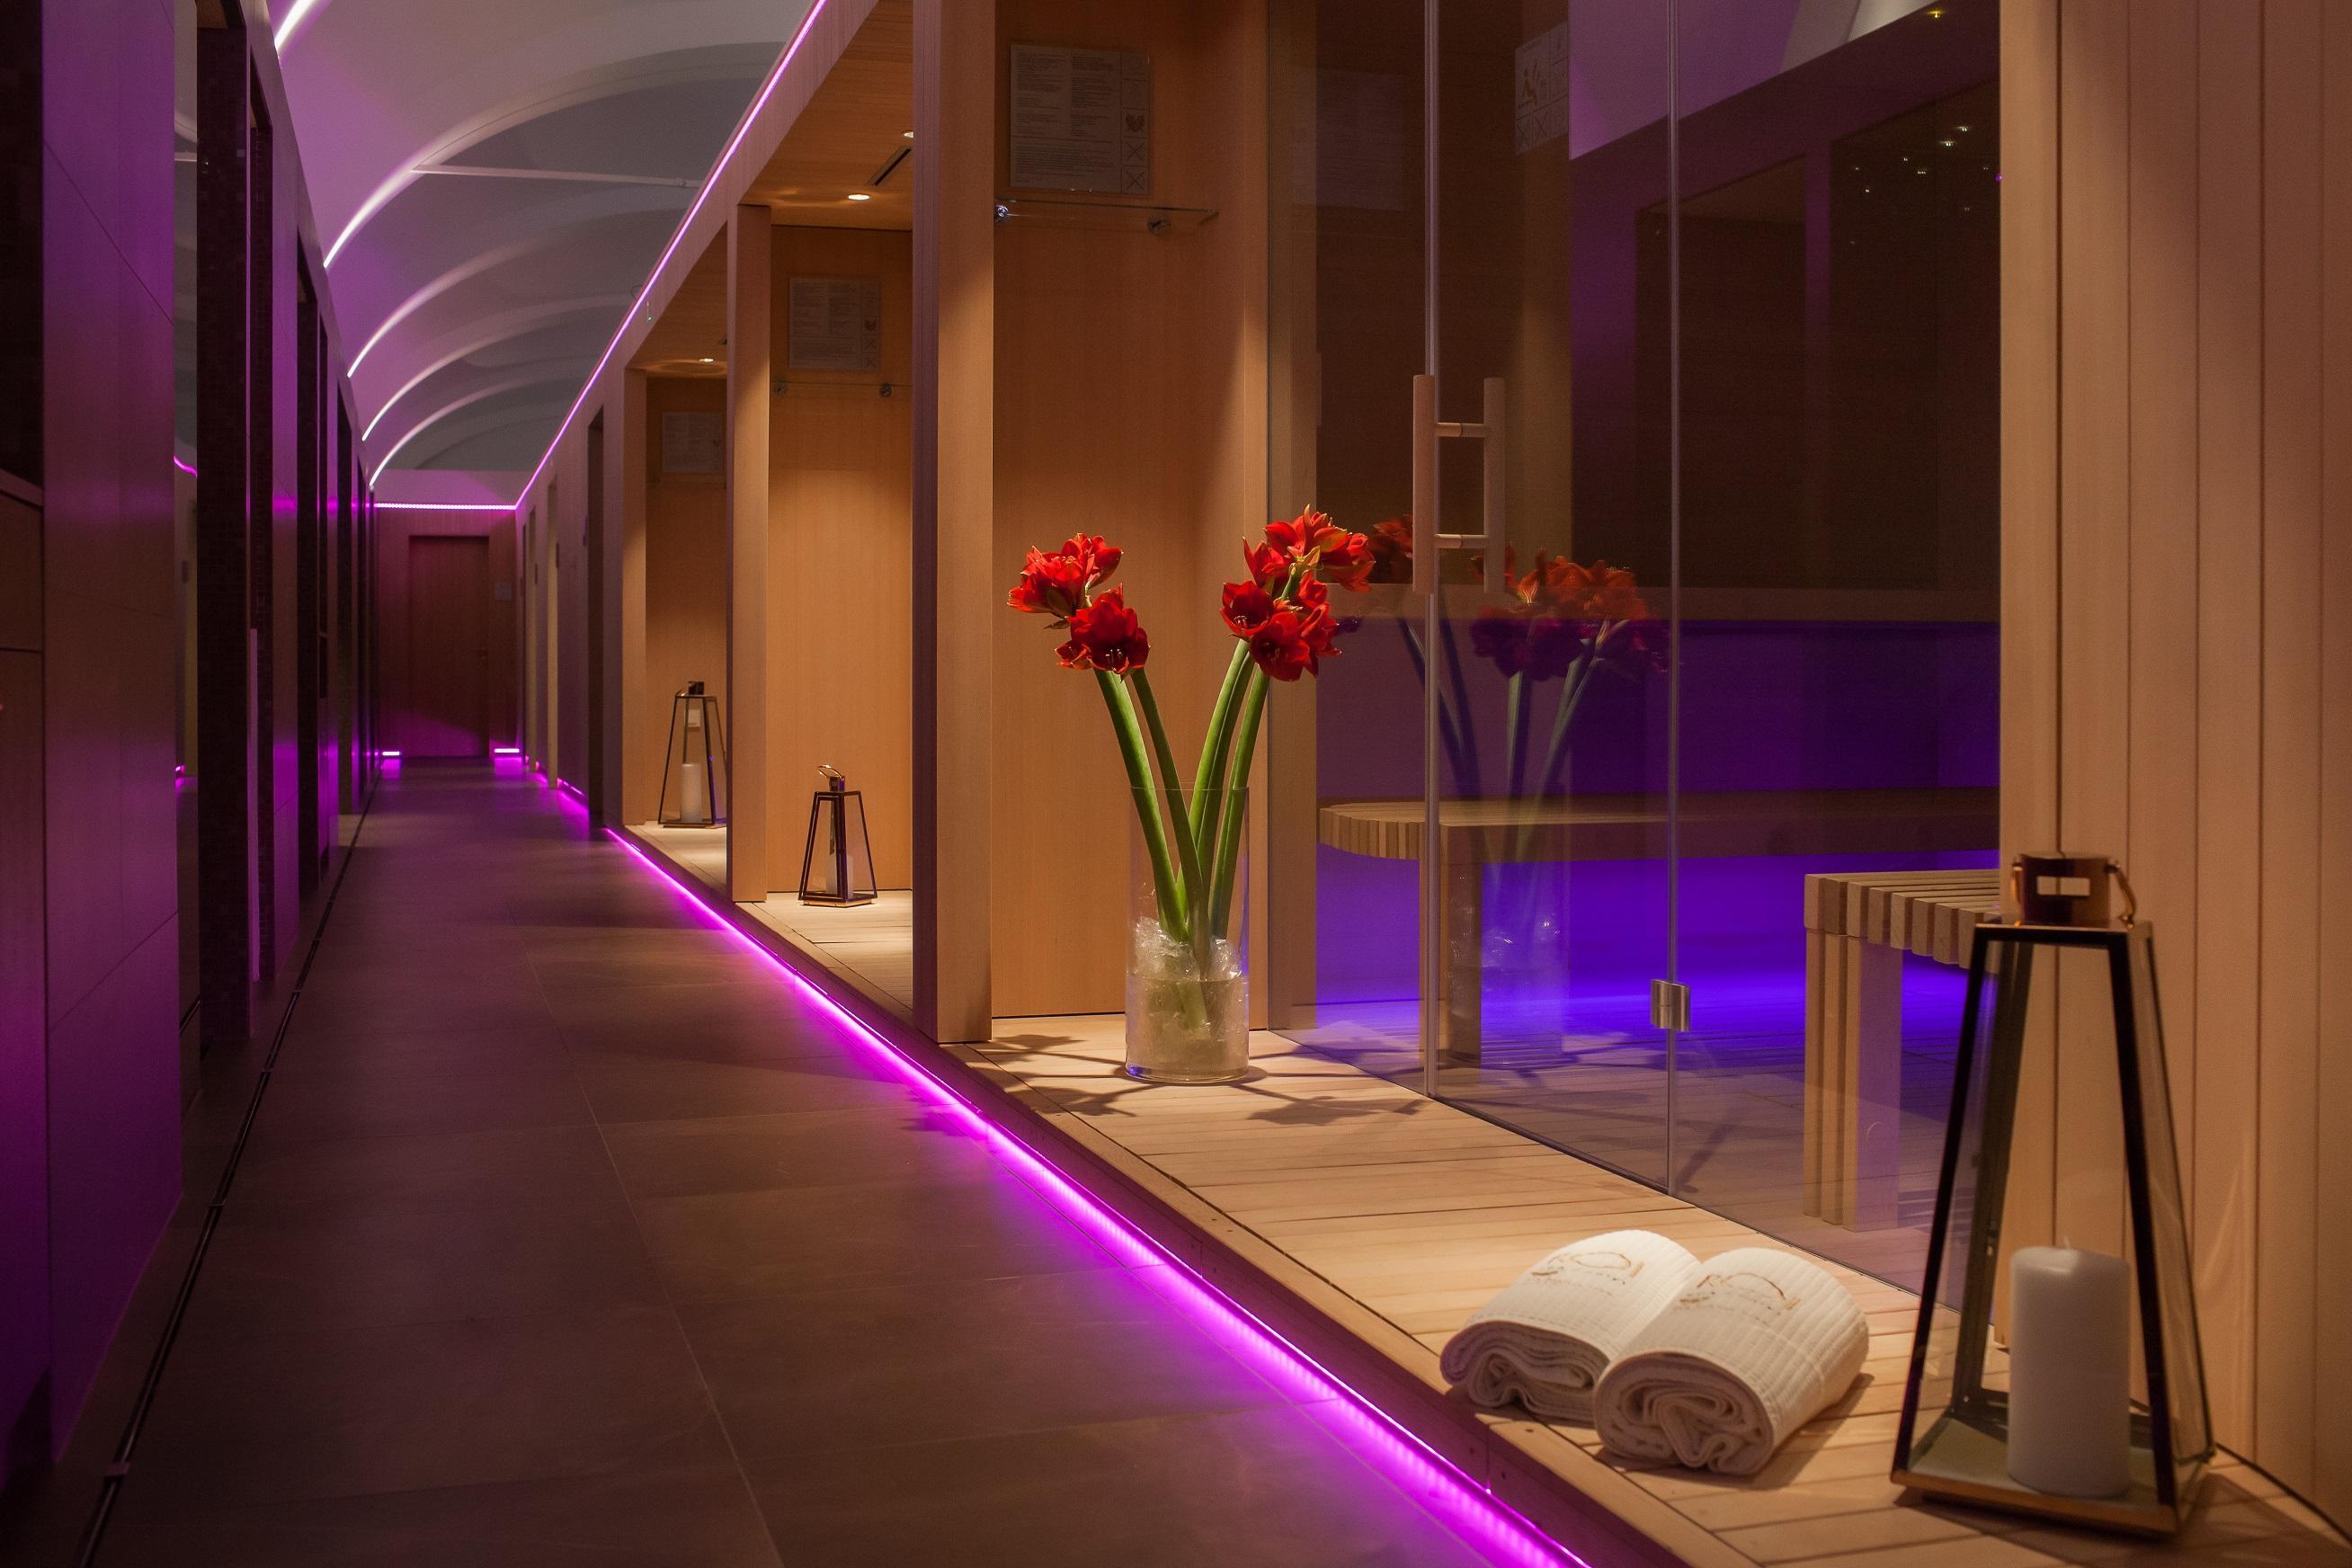 offerte spa Slovenia